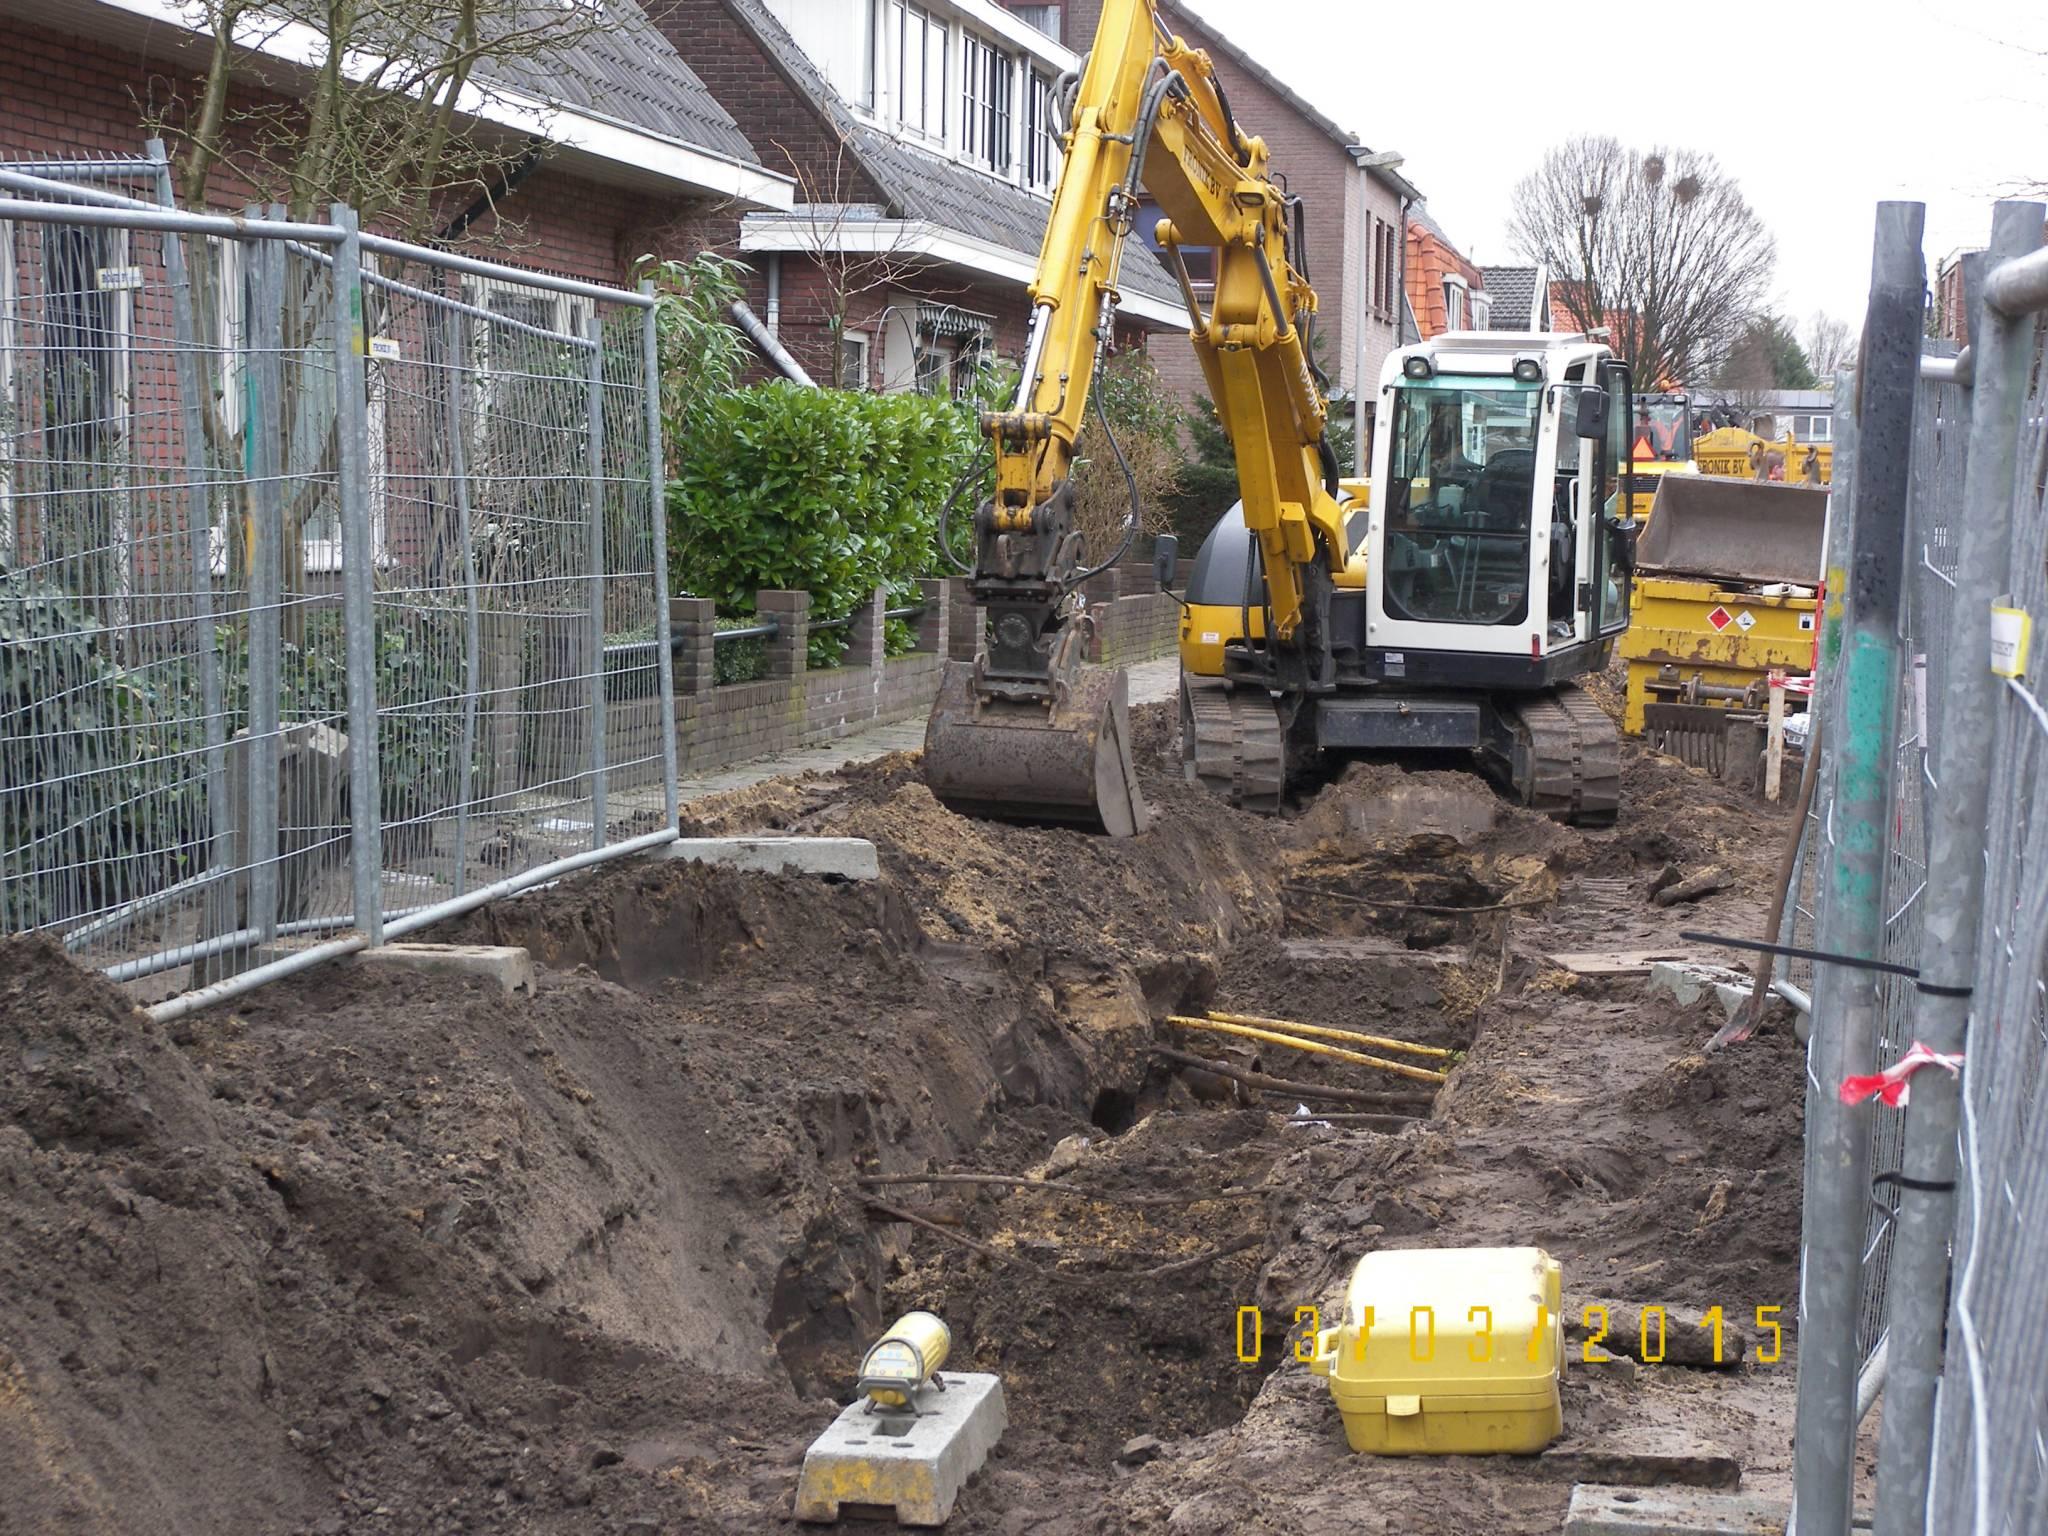 Aannemingsbedrijf Fronik Infra B.V. in Mijdrecht Bussum, rioolwerk herinrichting Veldheimerlaan/Botweg